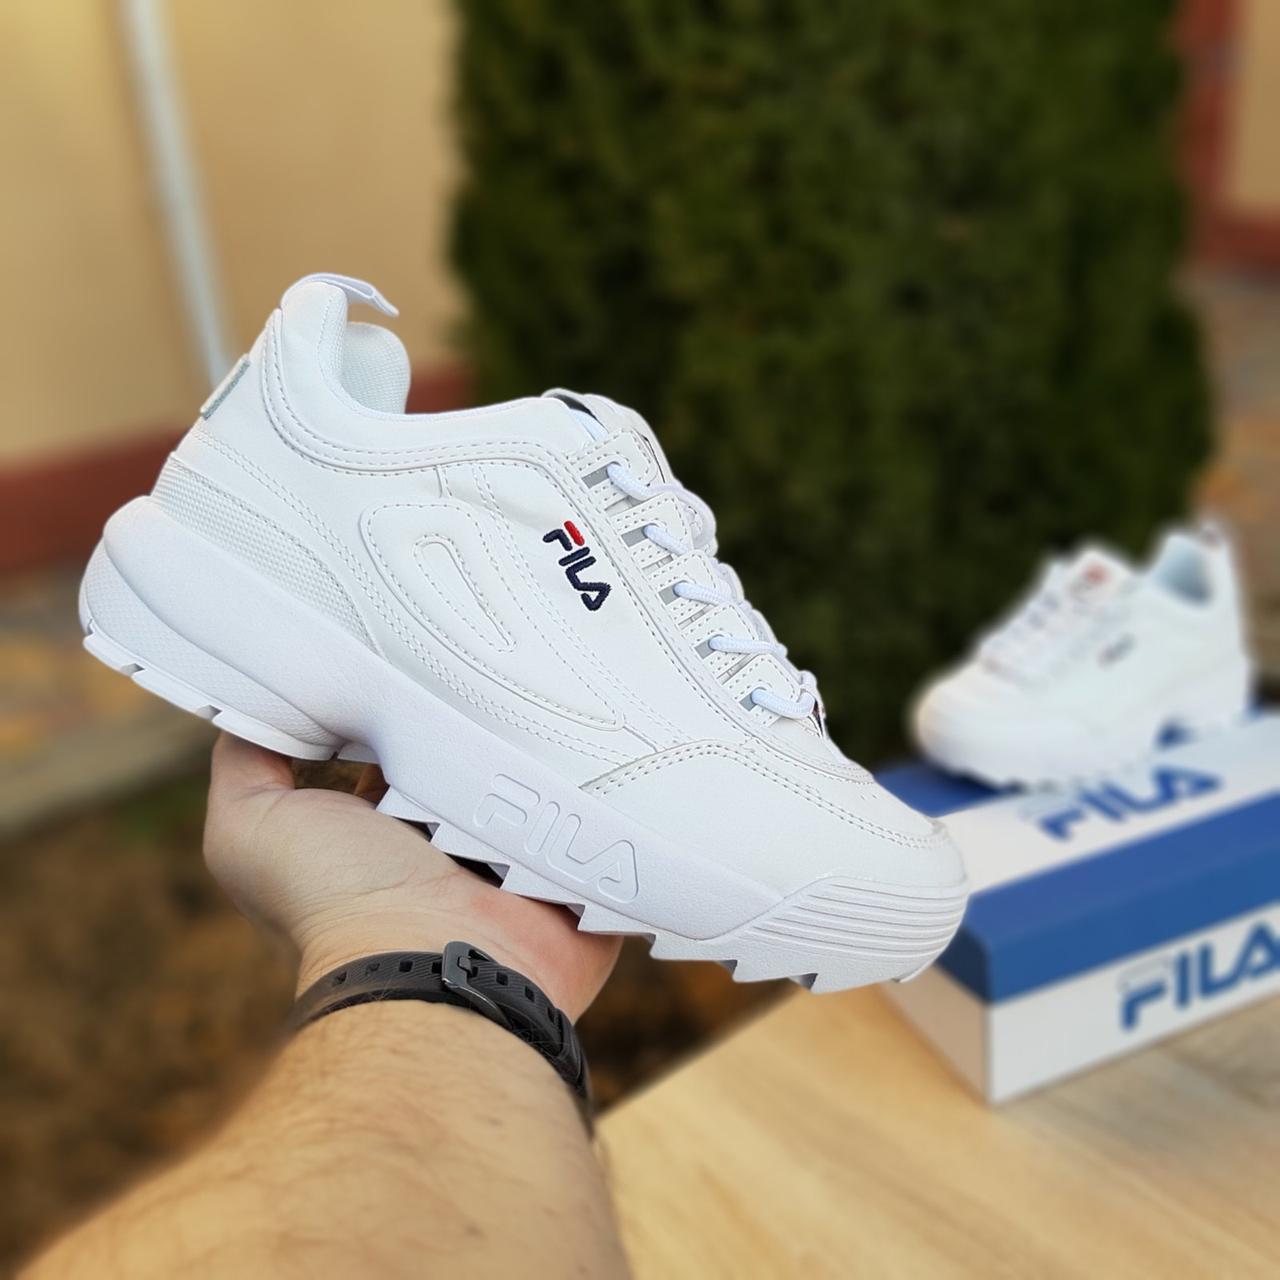 Fila Disruptor 2 белые фила кроссовки женские філа кросовки